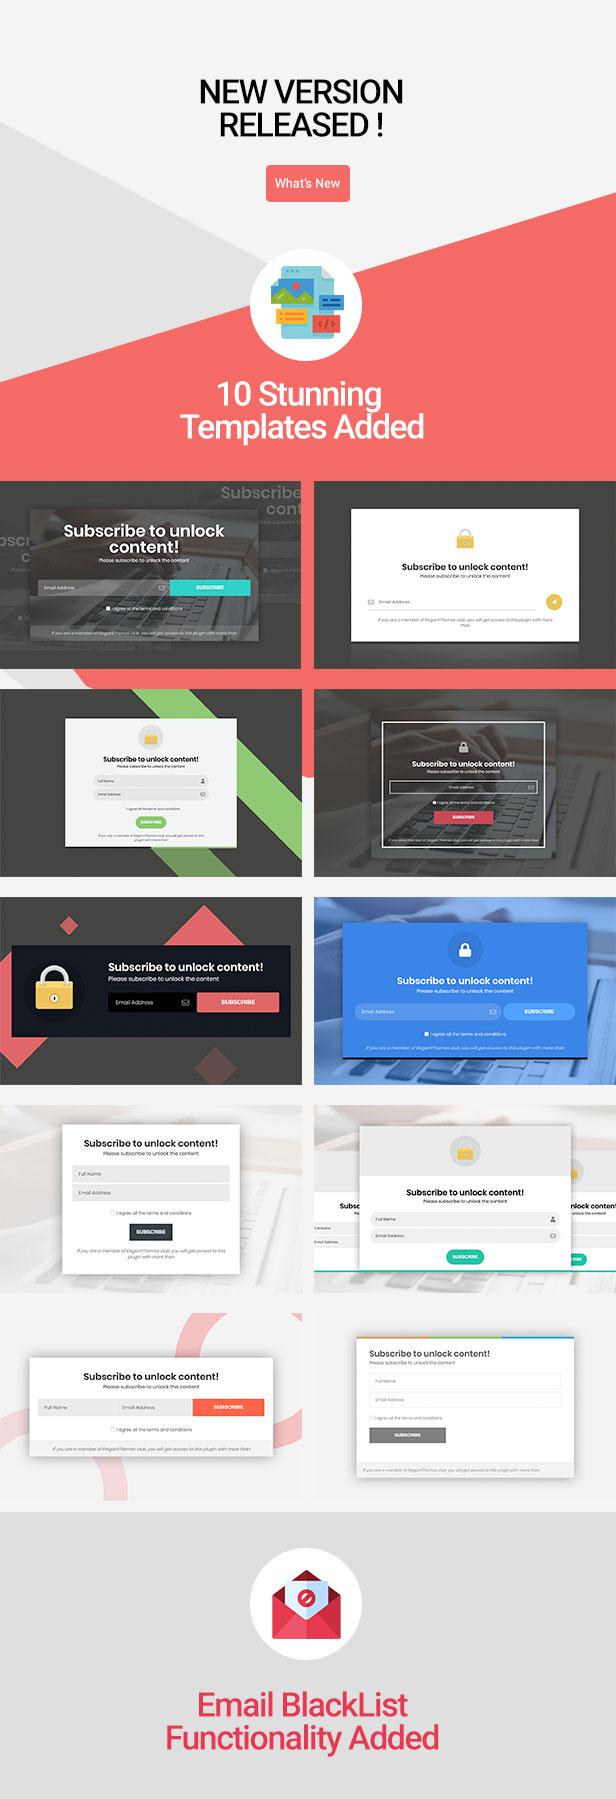 Abonnieren Sie das Unlock Opt In Content Locker WordPress-Plugin - 1